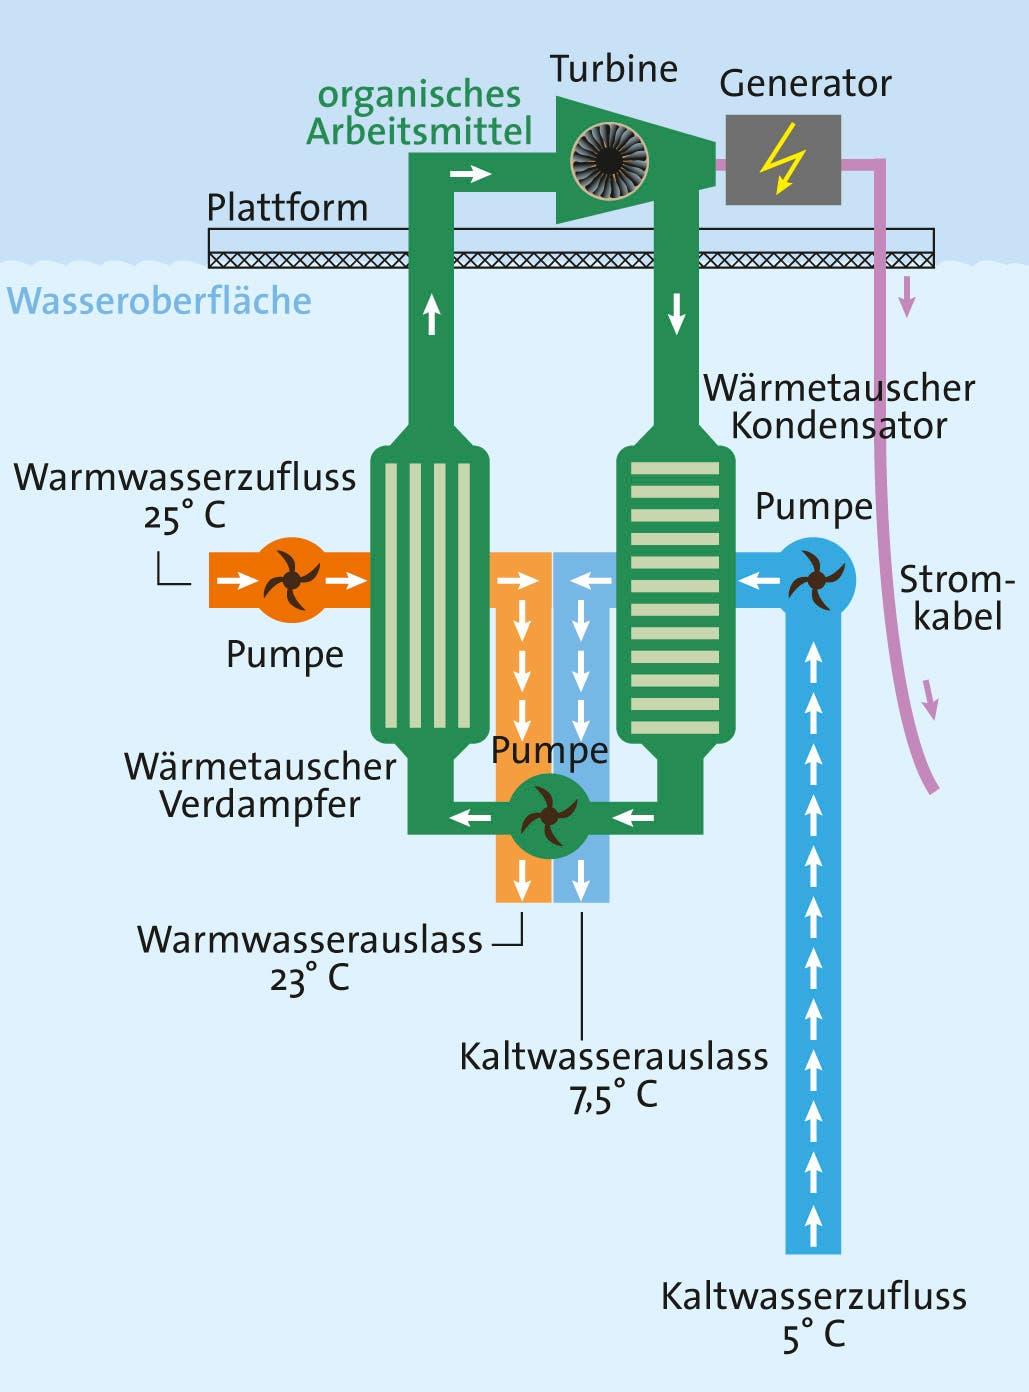 Energie aus dem Temperaturunterschied